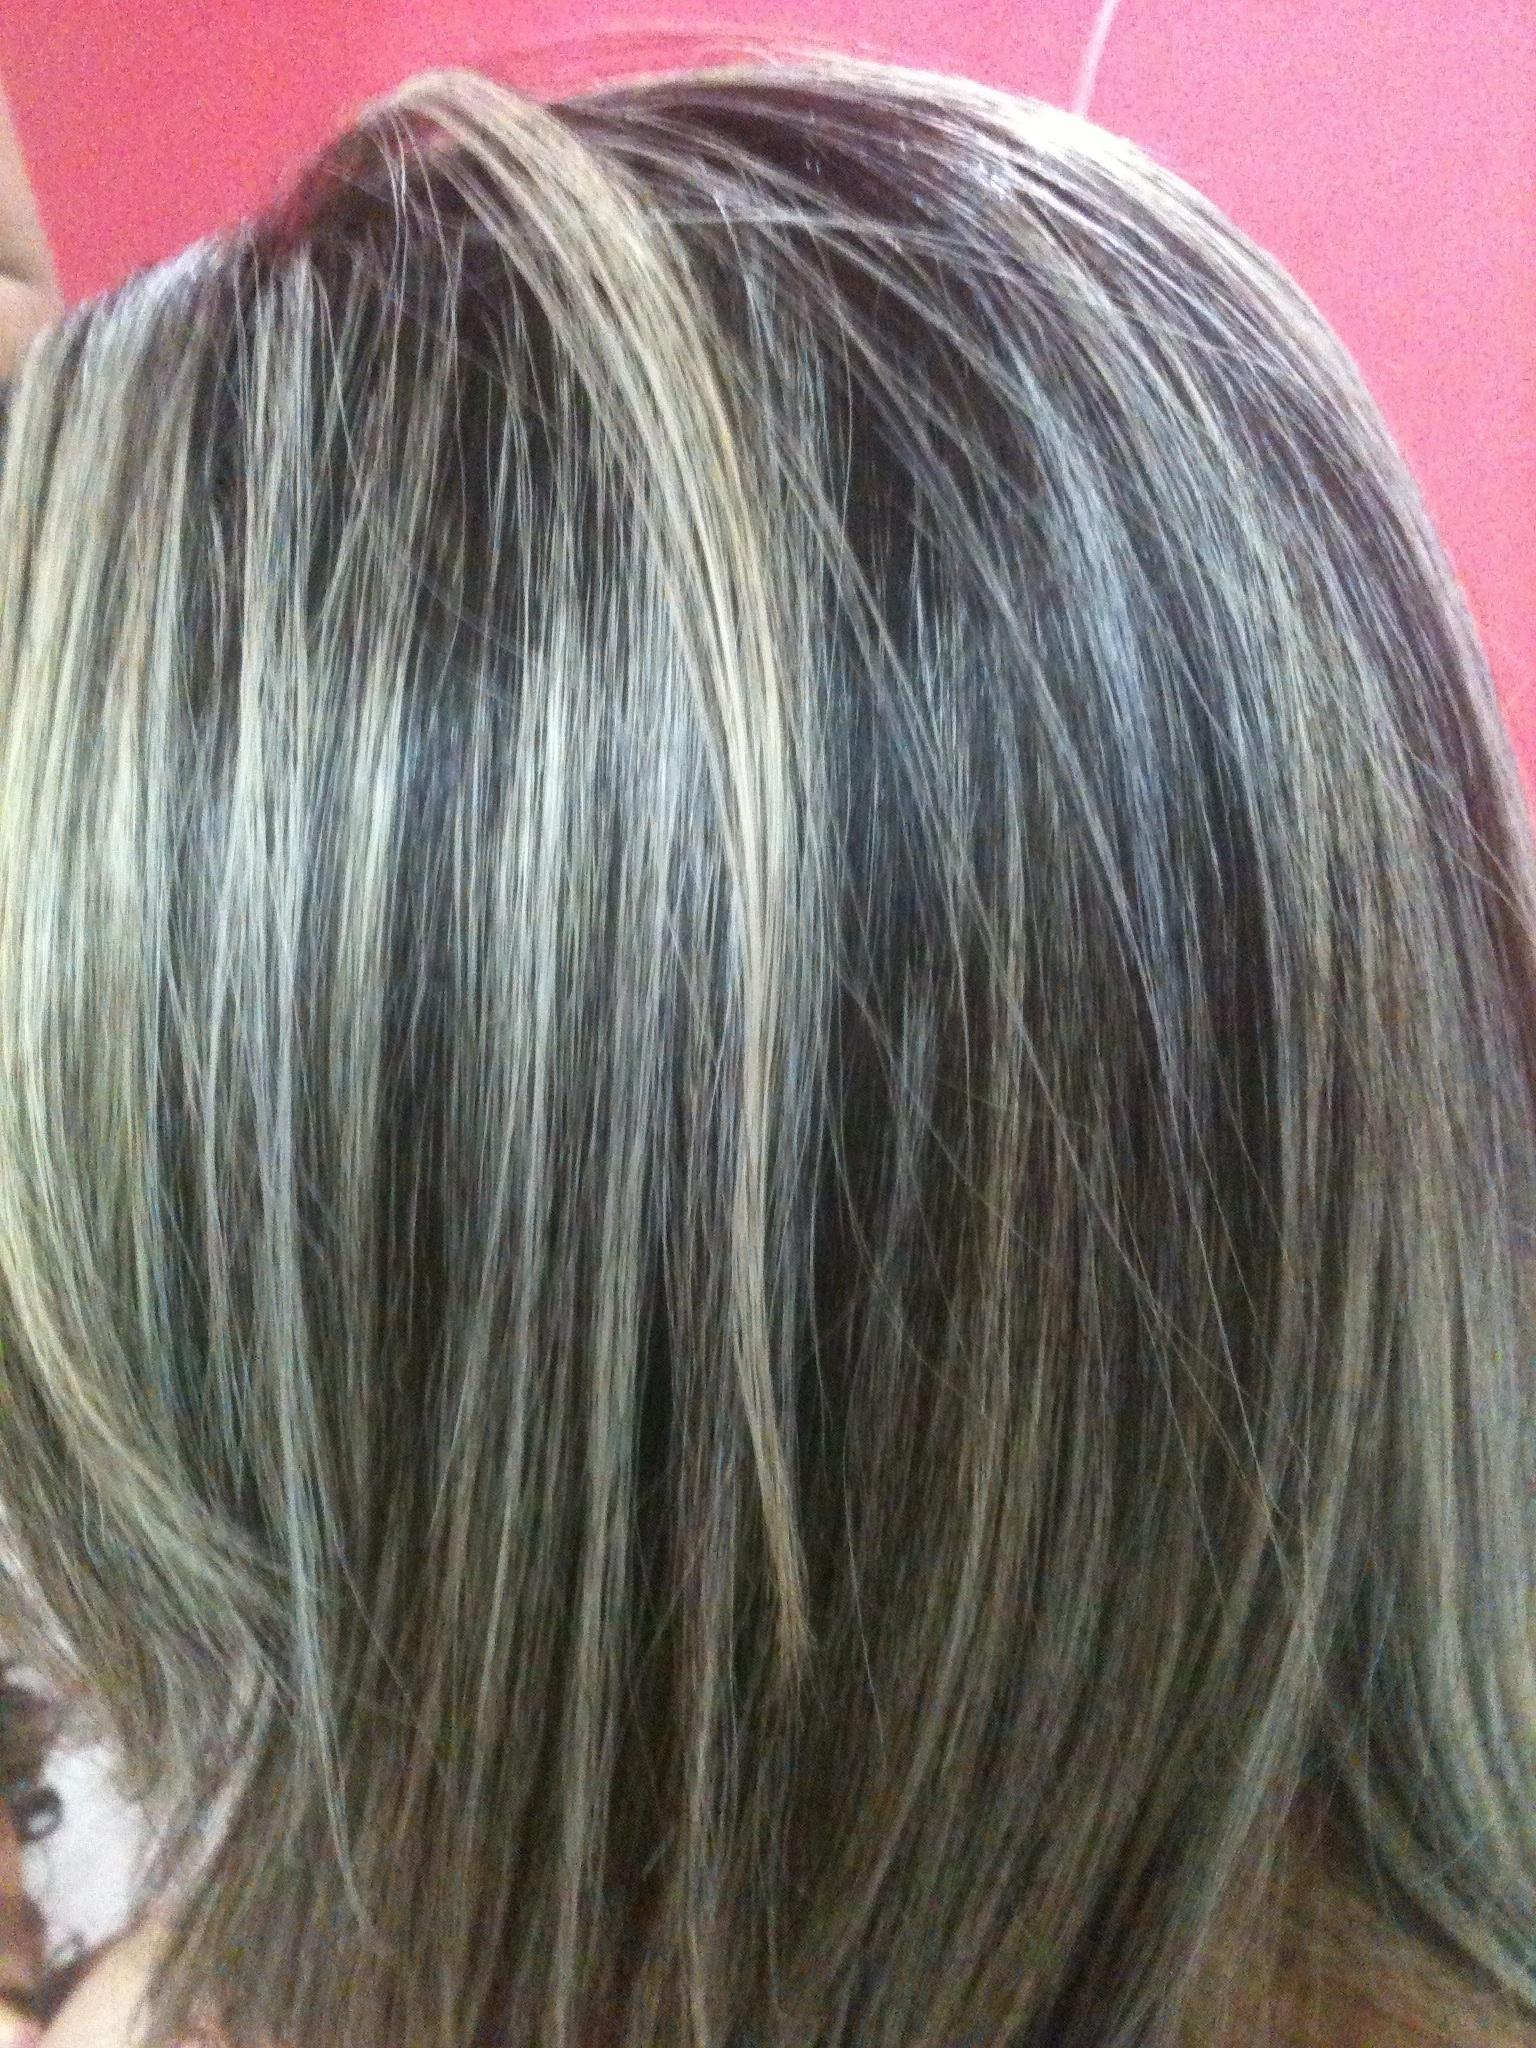 Luzes.. Feito no papel aluminio,procedimento normal de descolorimento em um cabelo castanho medio,depois do clareamento,tonalizando com 10.89 perolado. auxiliar cabeleireiro(a) maquiador(a)